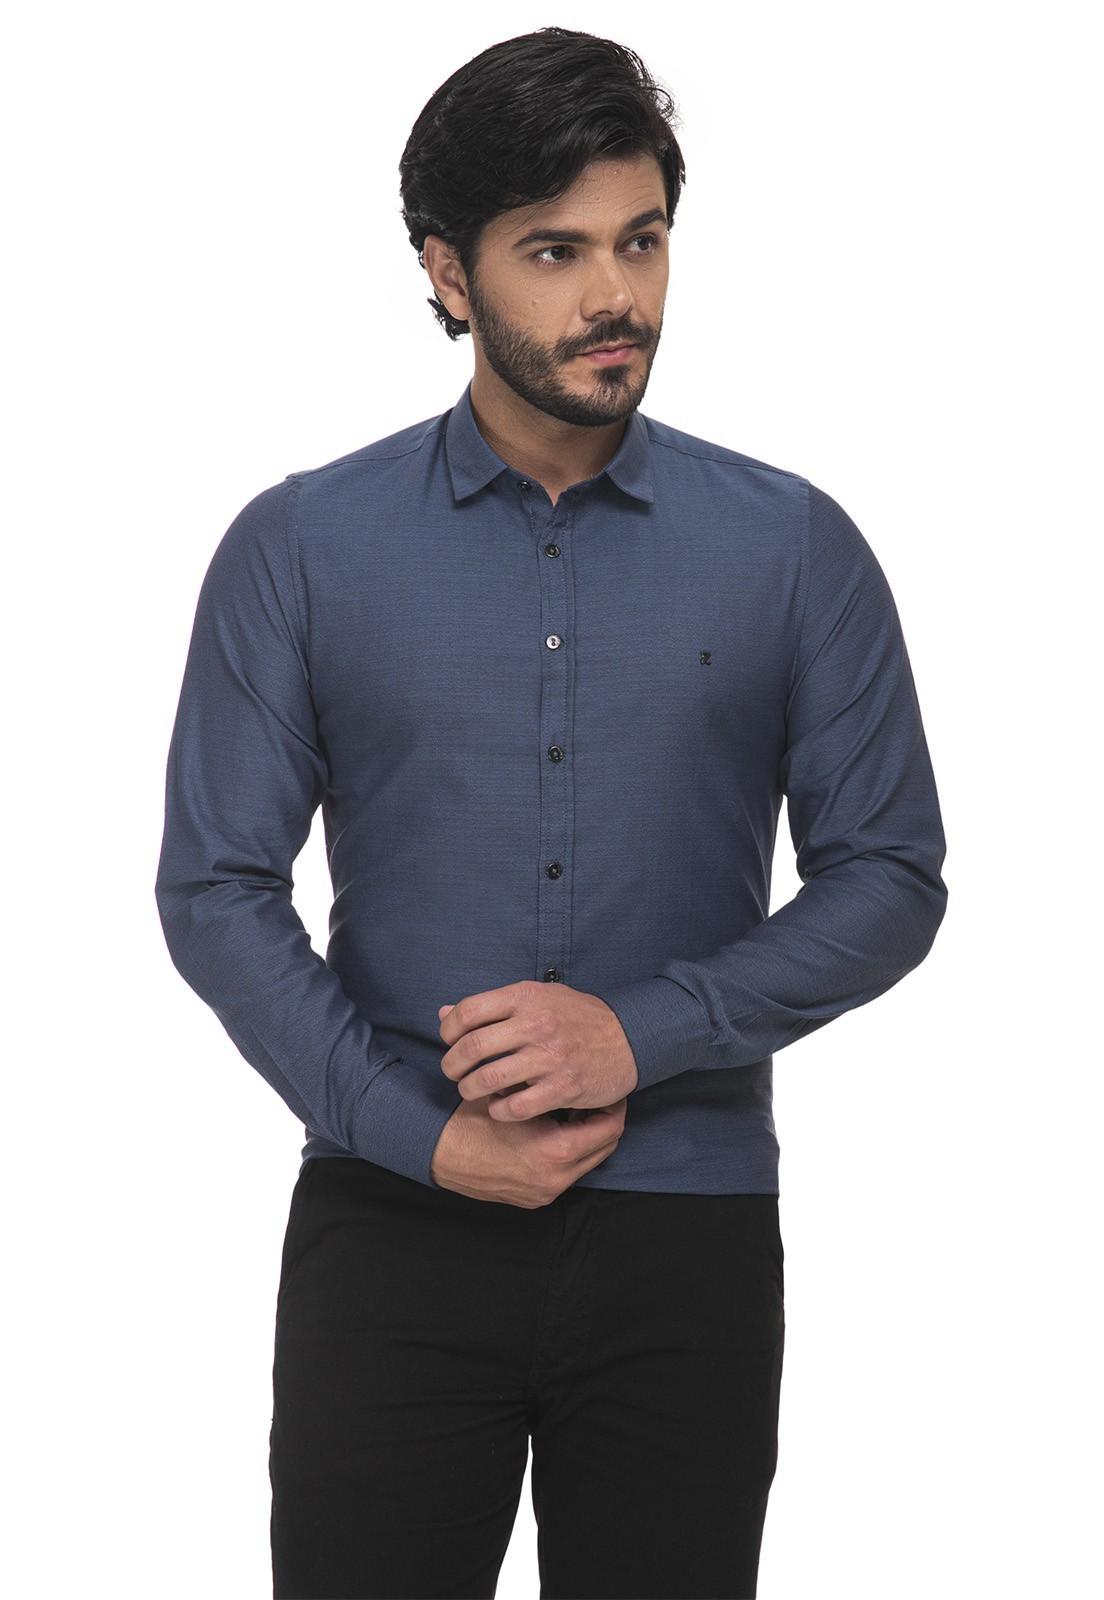 Camisa Fit Zaiko Mescla Manga Longa 1868